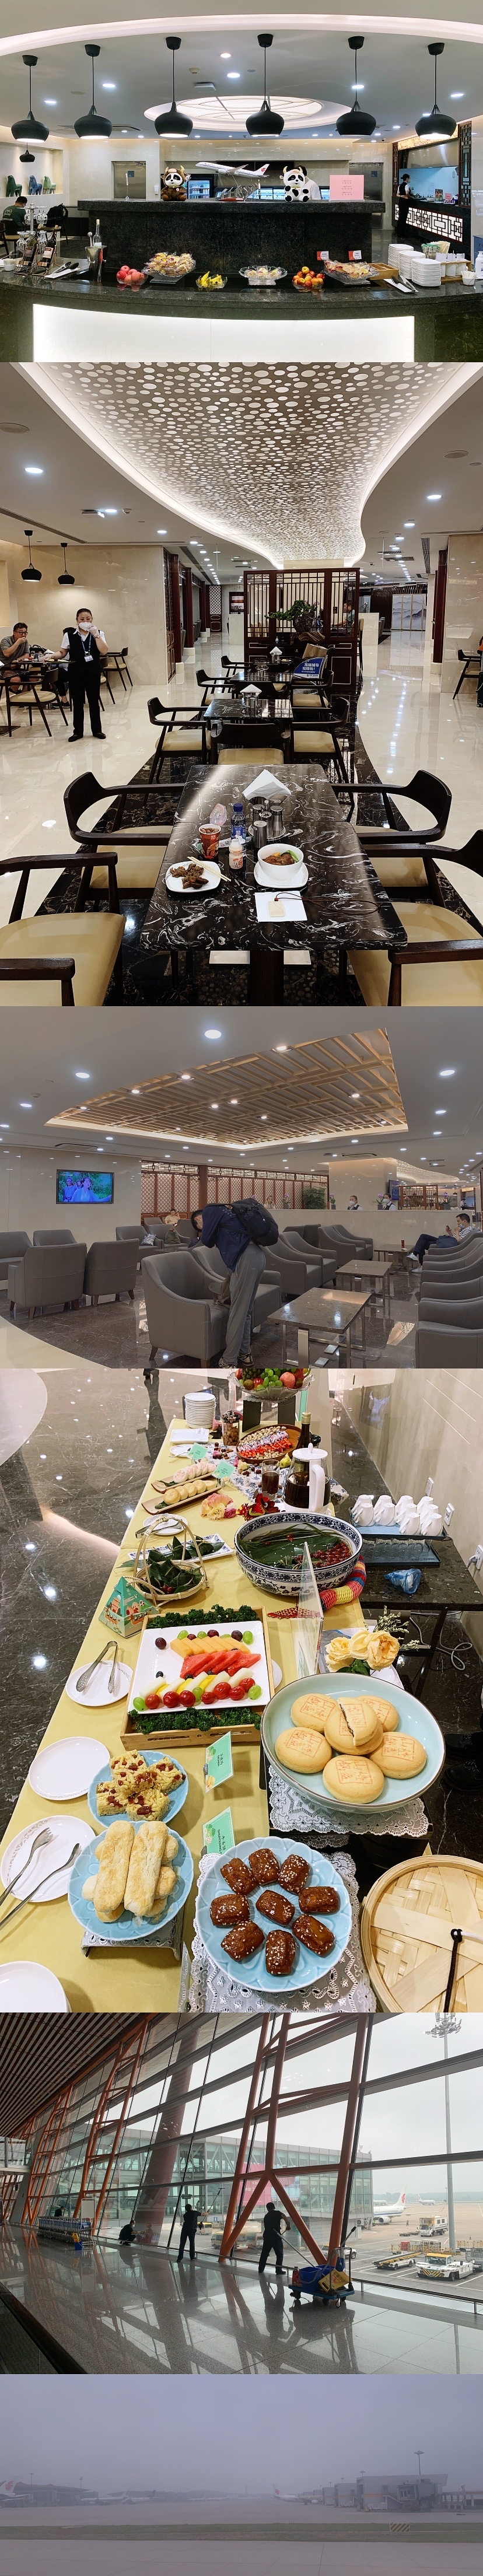 《F2》 首都机场 · 巨龙耀华夏 腾飞中华红